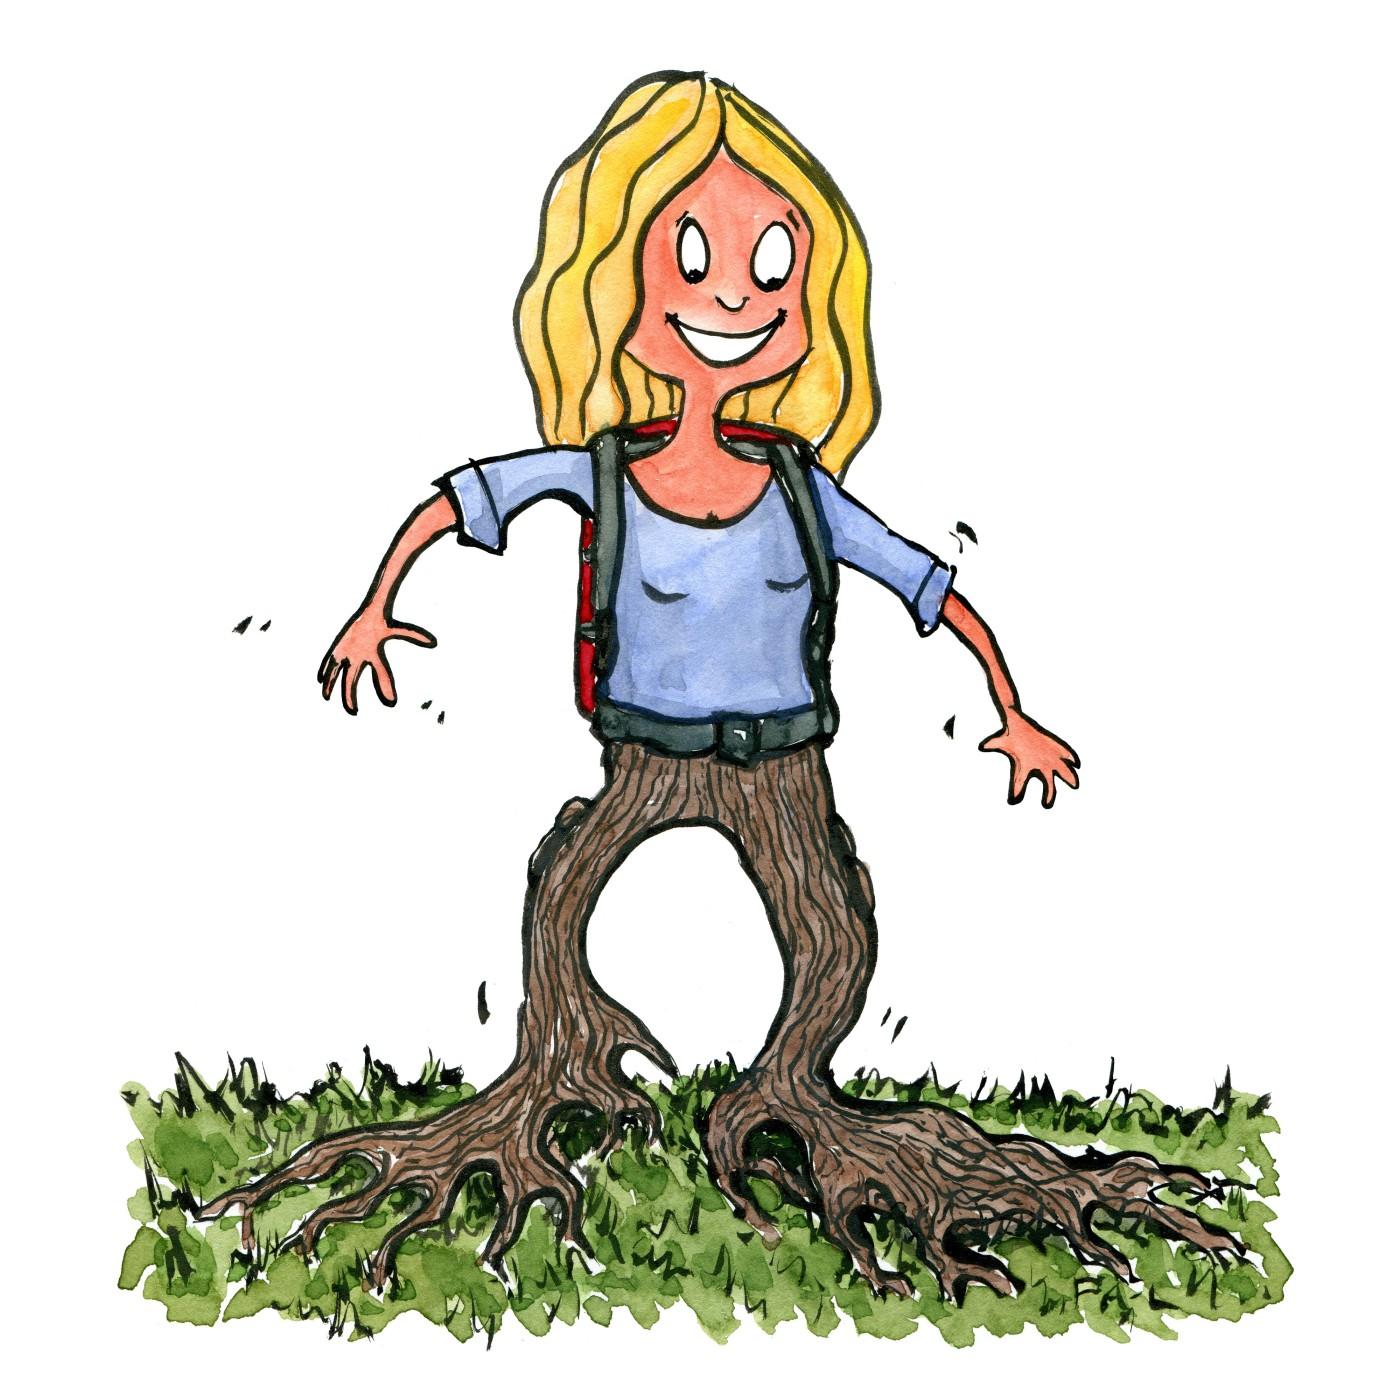 Tegning af kvinde med rygsæk og rødder istedet for ben. Tegning af Frits Ahlefeldt